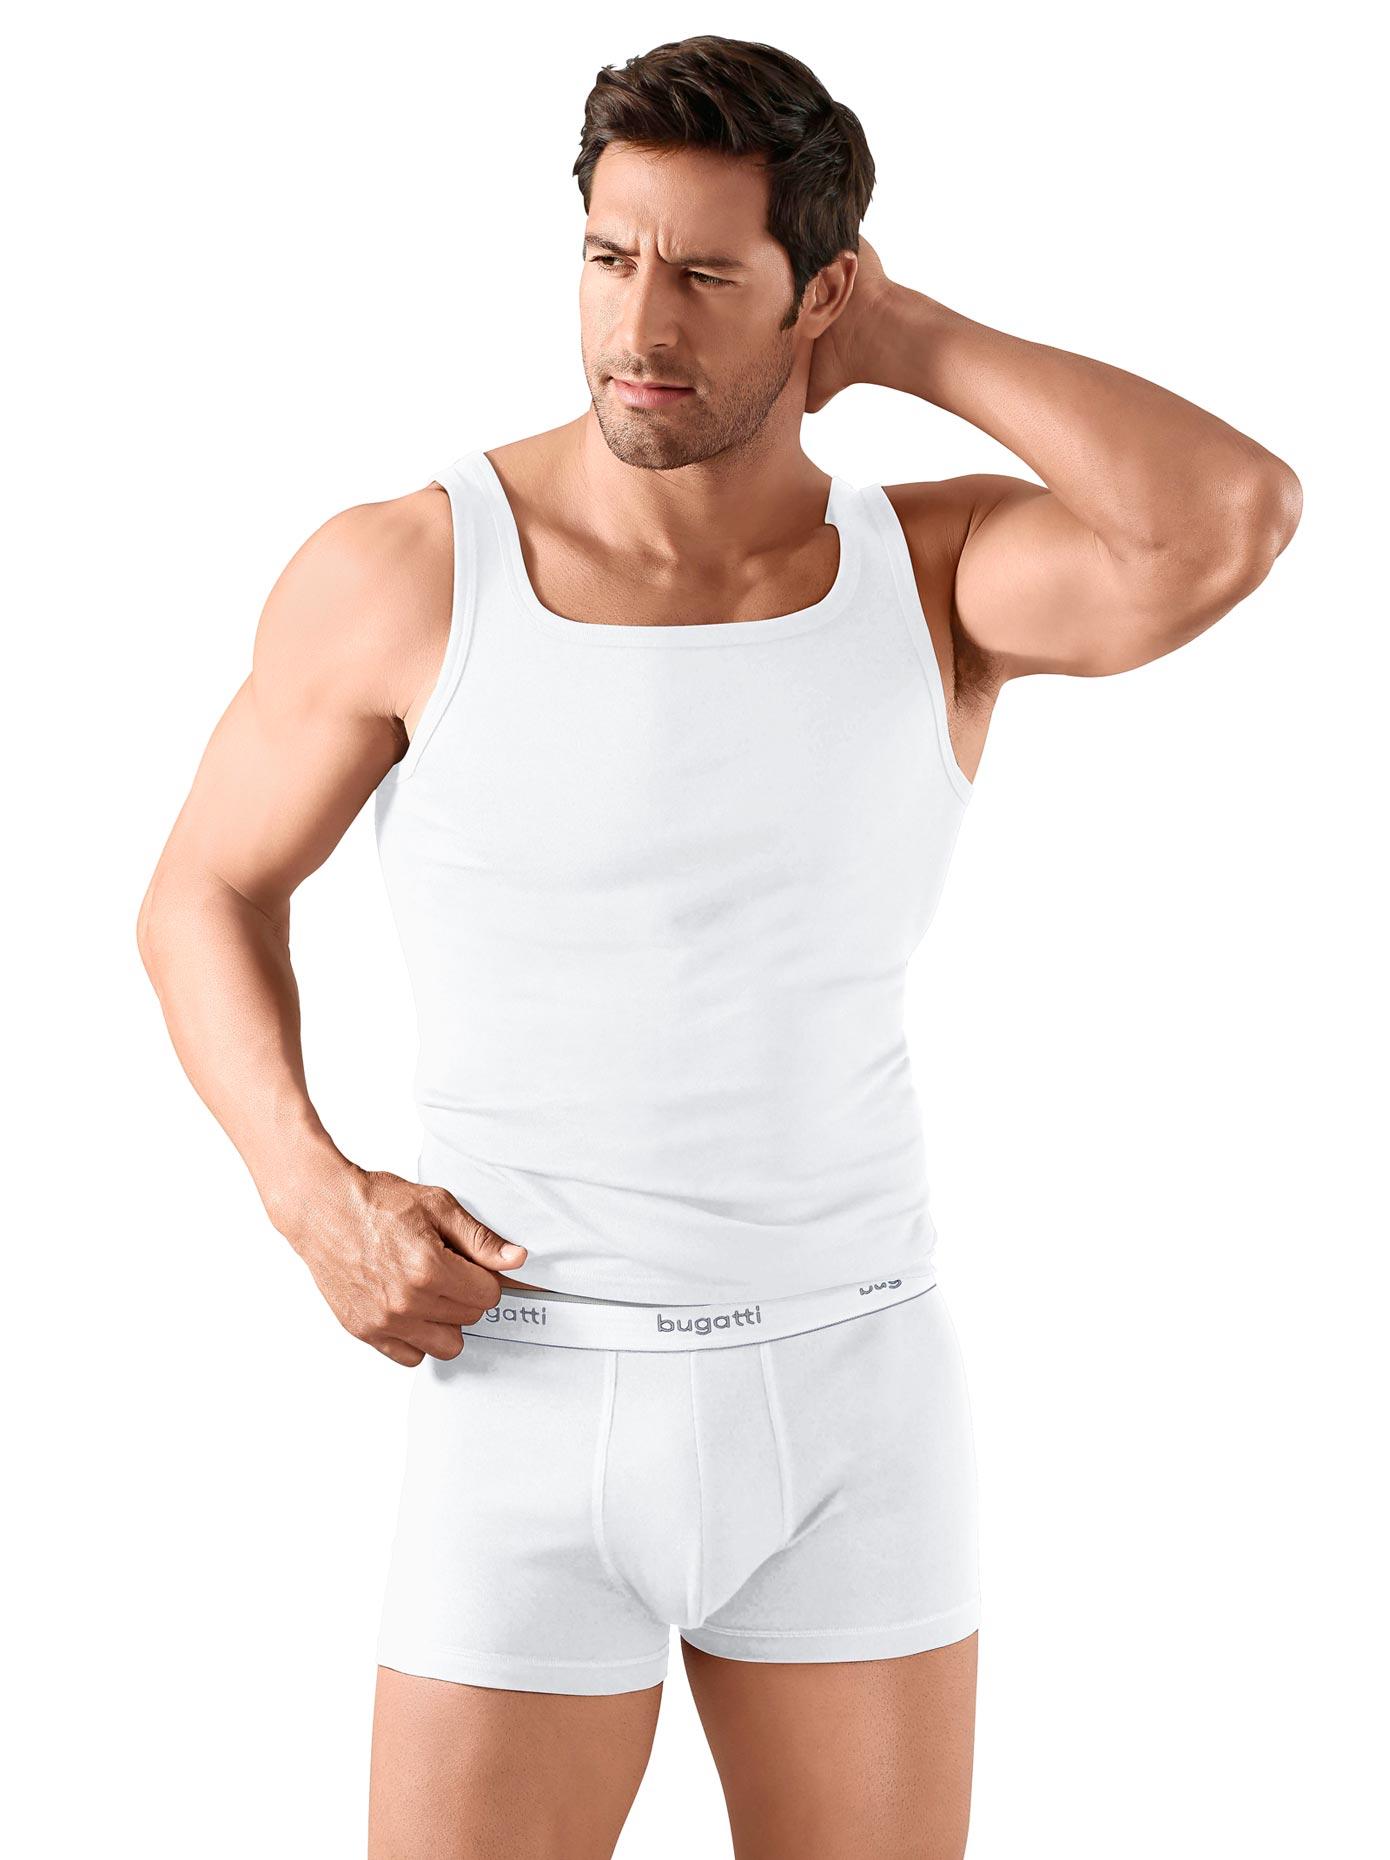 bugatti - Unterhemd